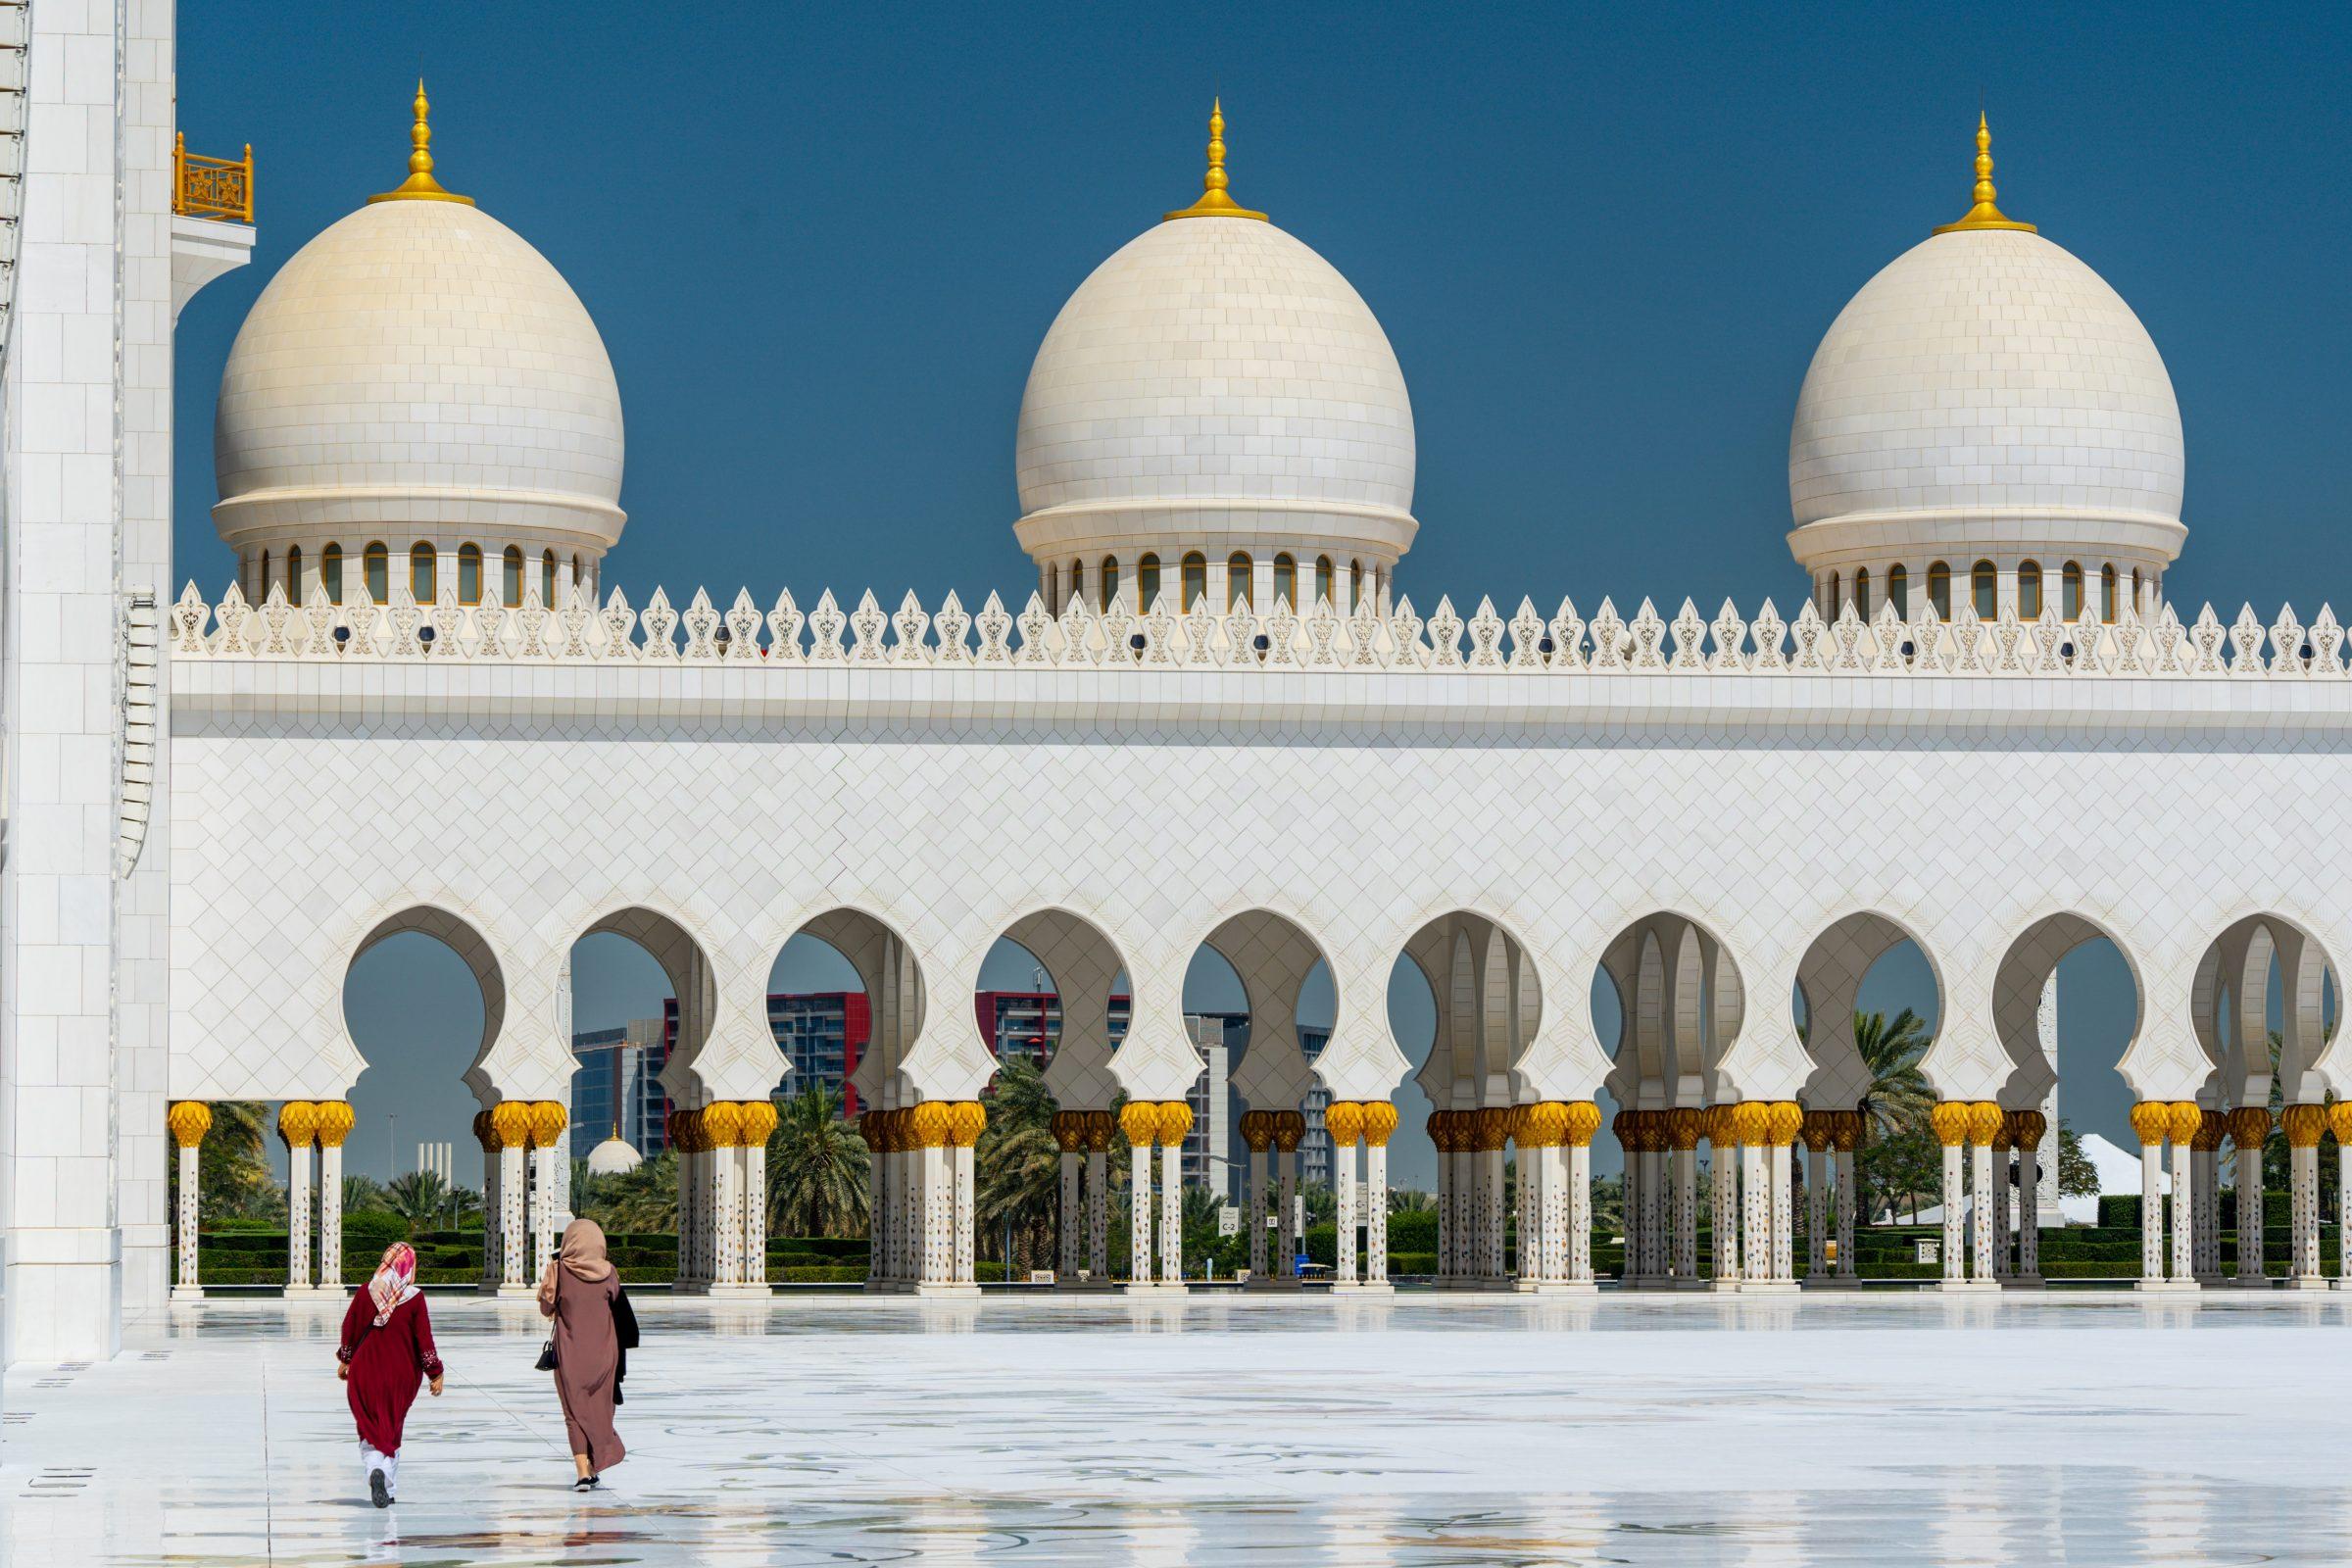 Två kvinnor iklädda i burkha går utanför en moské i Abu Dhabi, i Förenta Arab Emiraterna